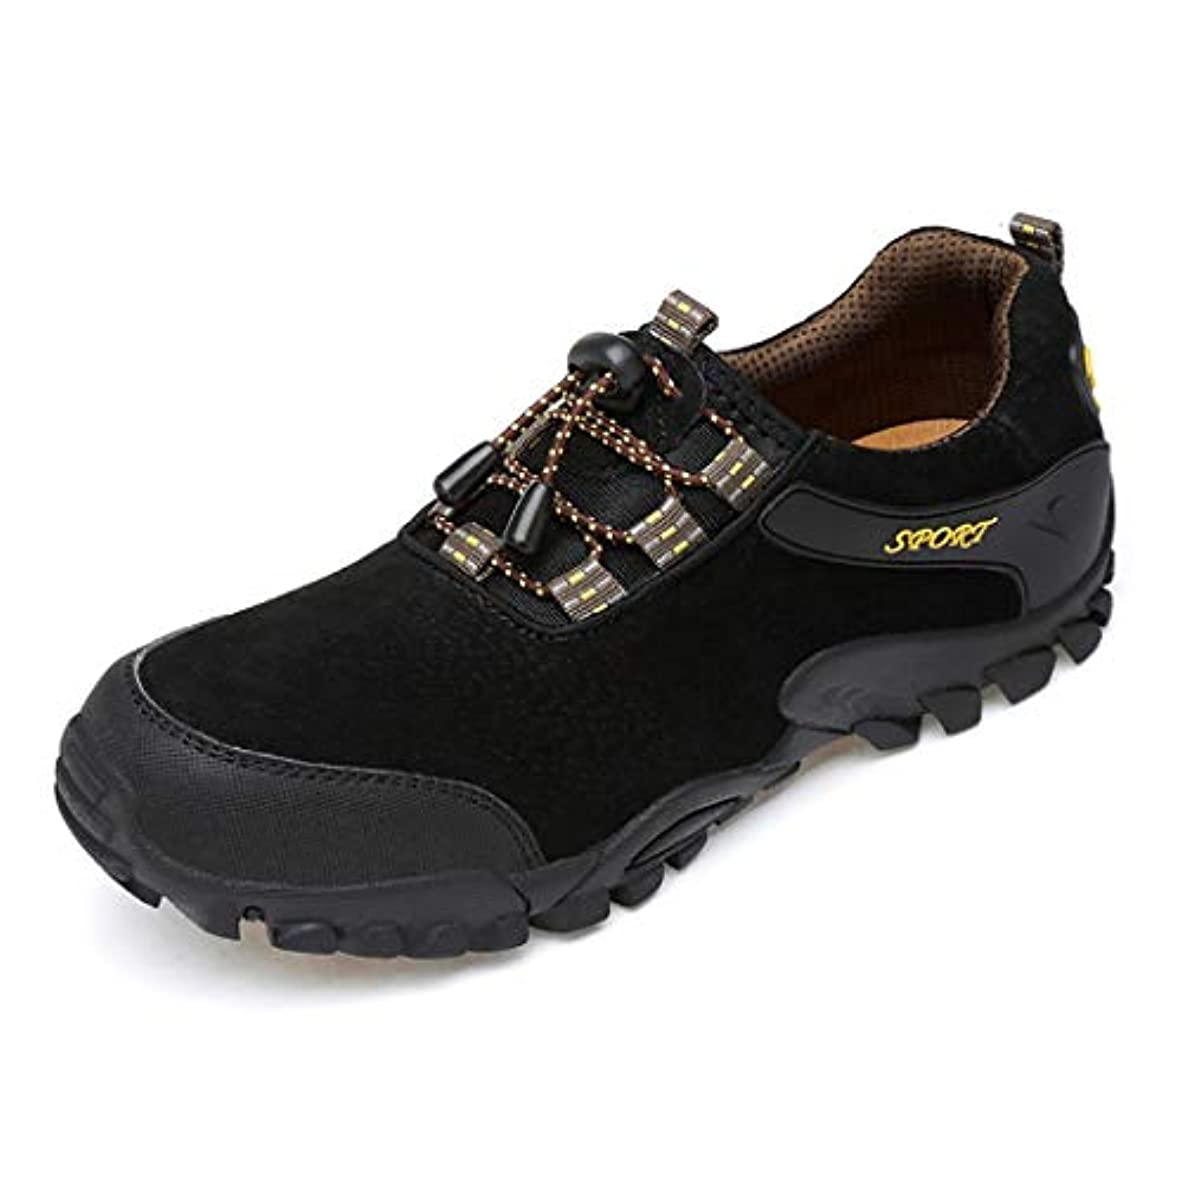 原理噂ボイコットハイキングシューズメンズアウトドアスポーツシューズ反衝突つま先スニーカー滑り止め耐摩耗性低ゴムの靴を助けるために,Black,44